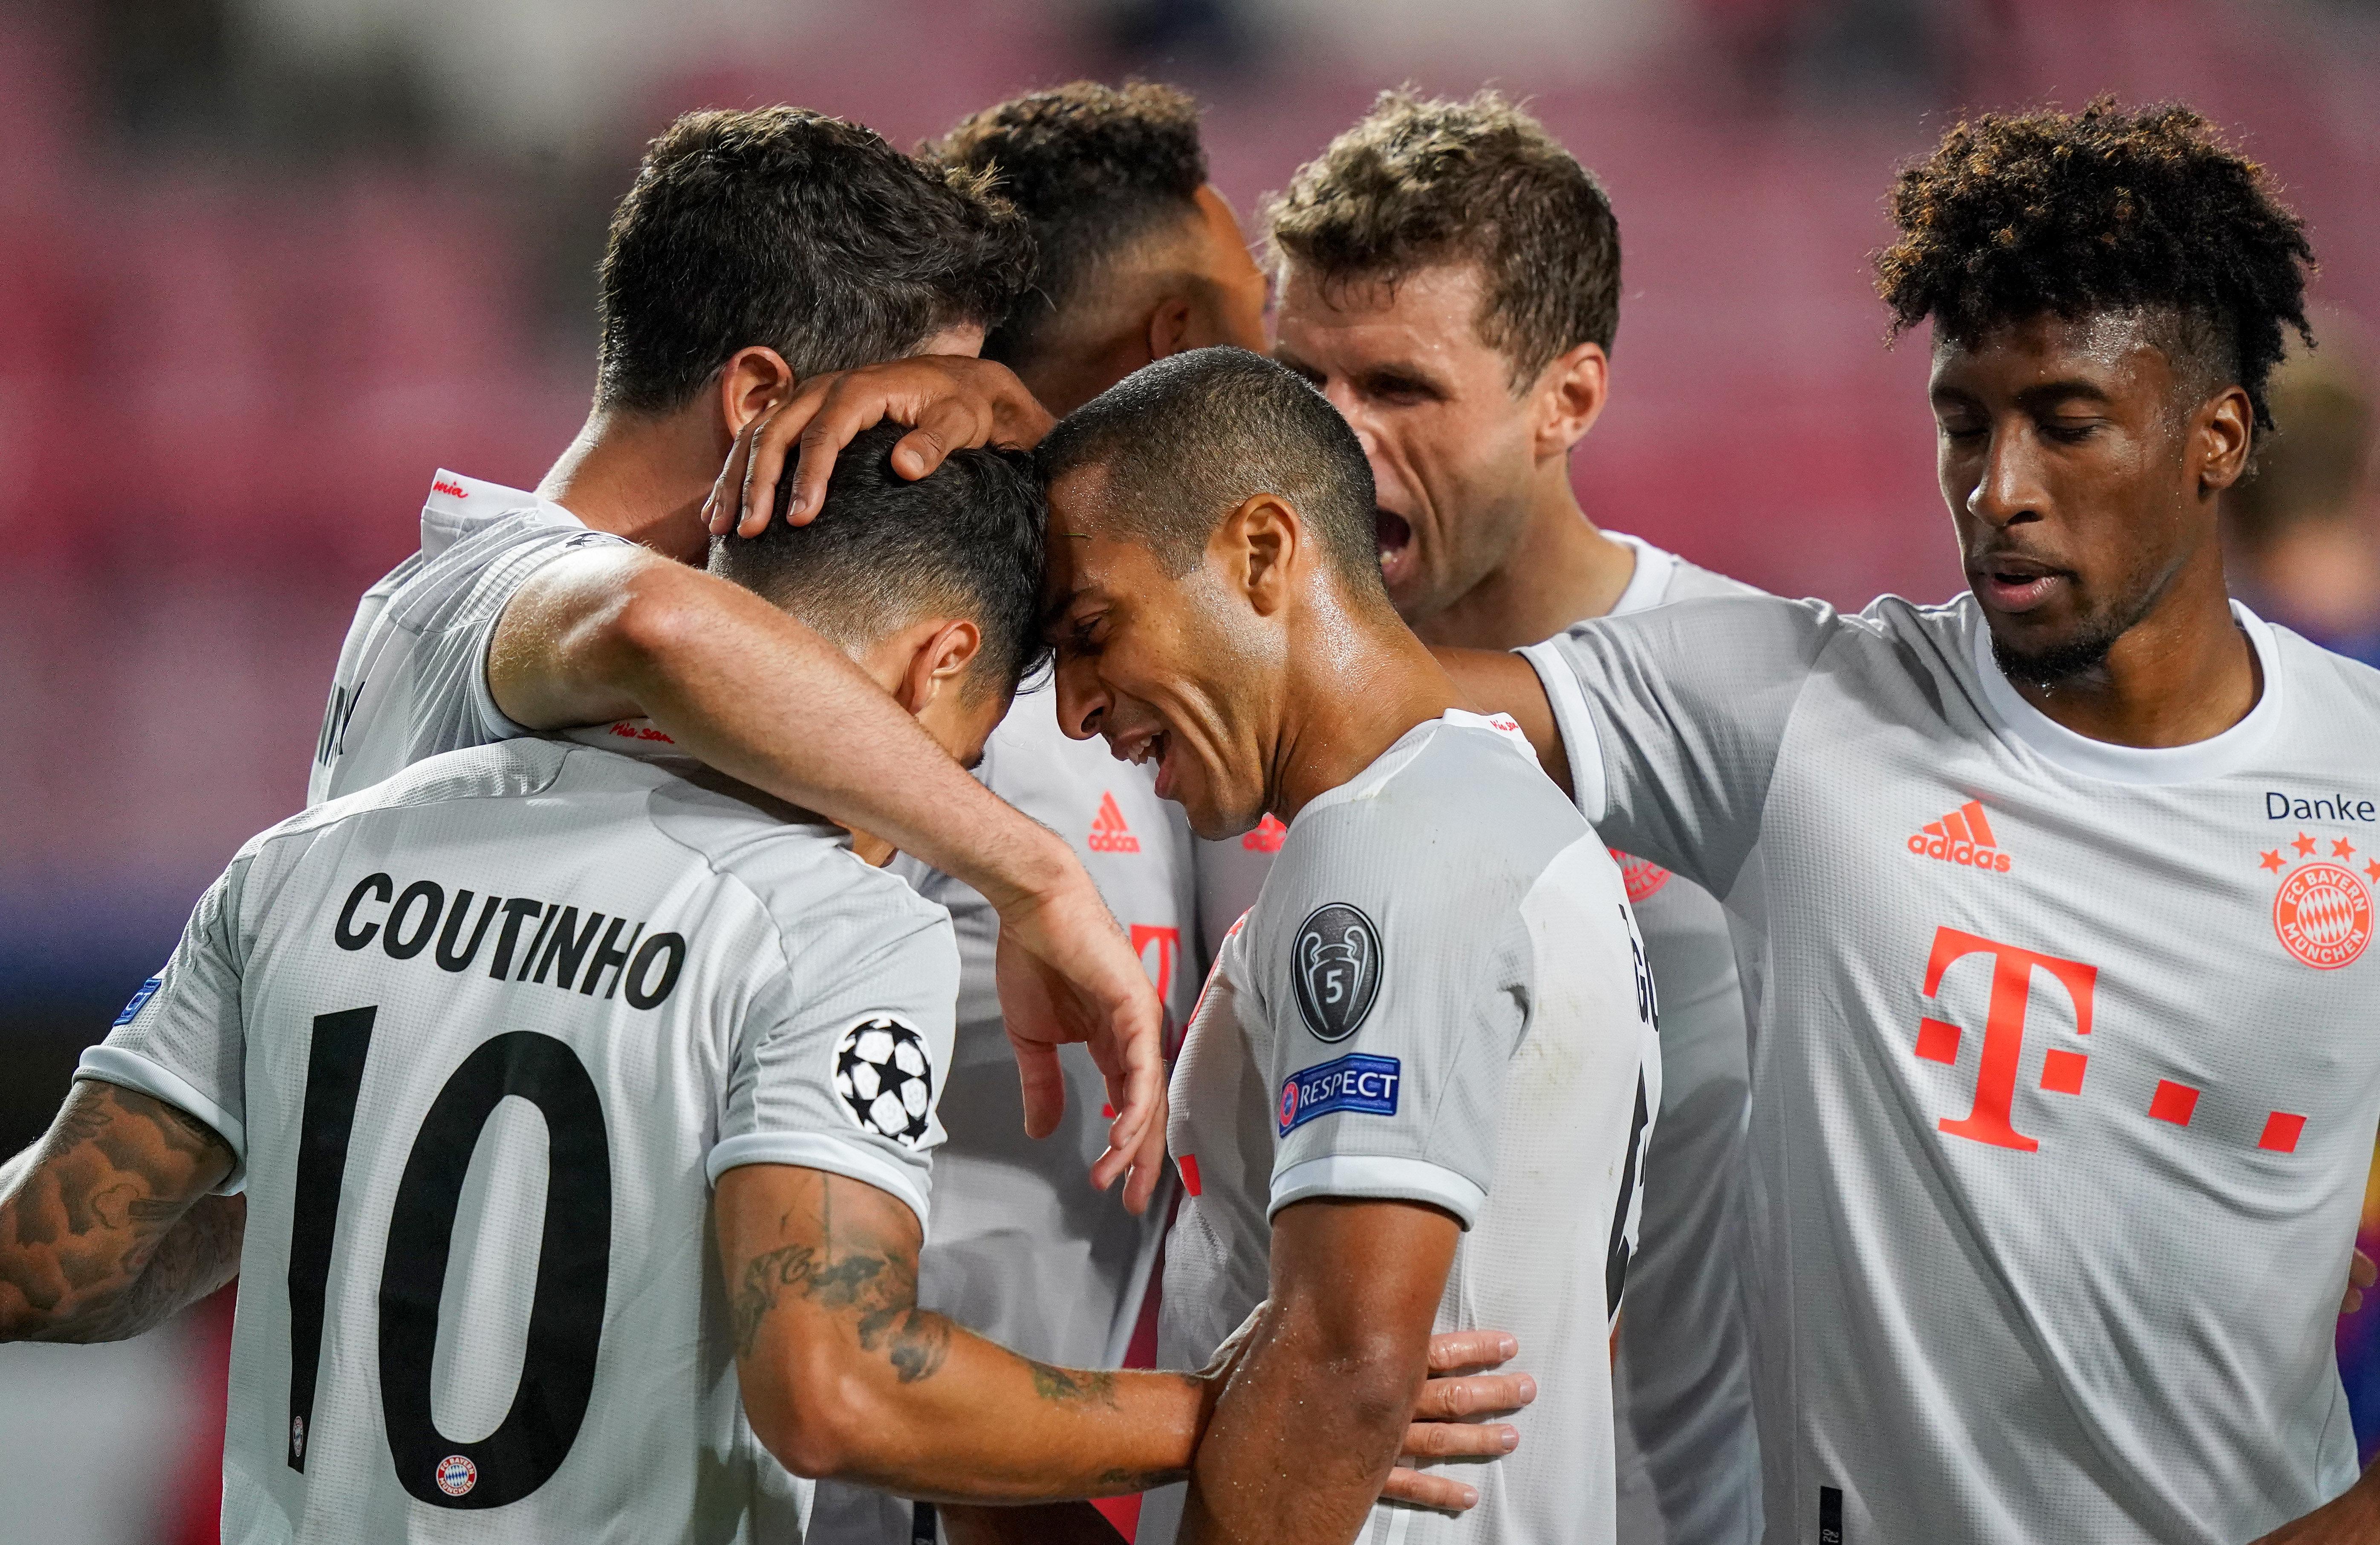 Kiütötte a Bayern a Barcelonát